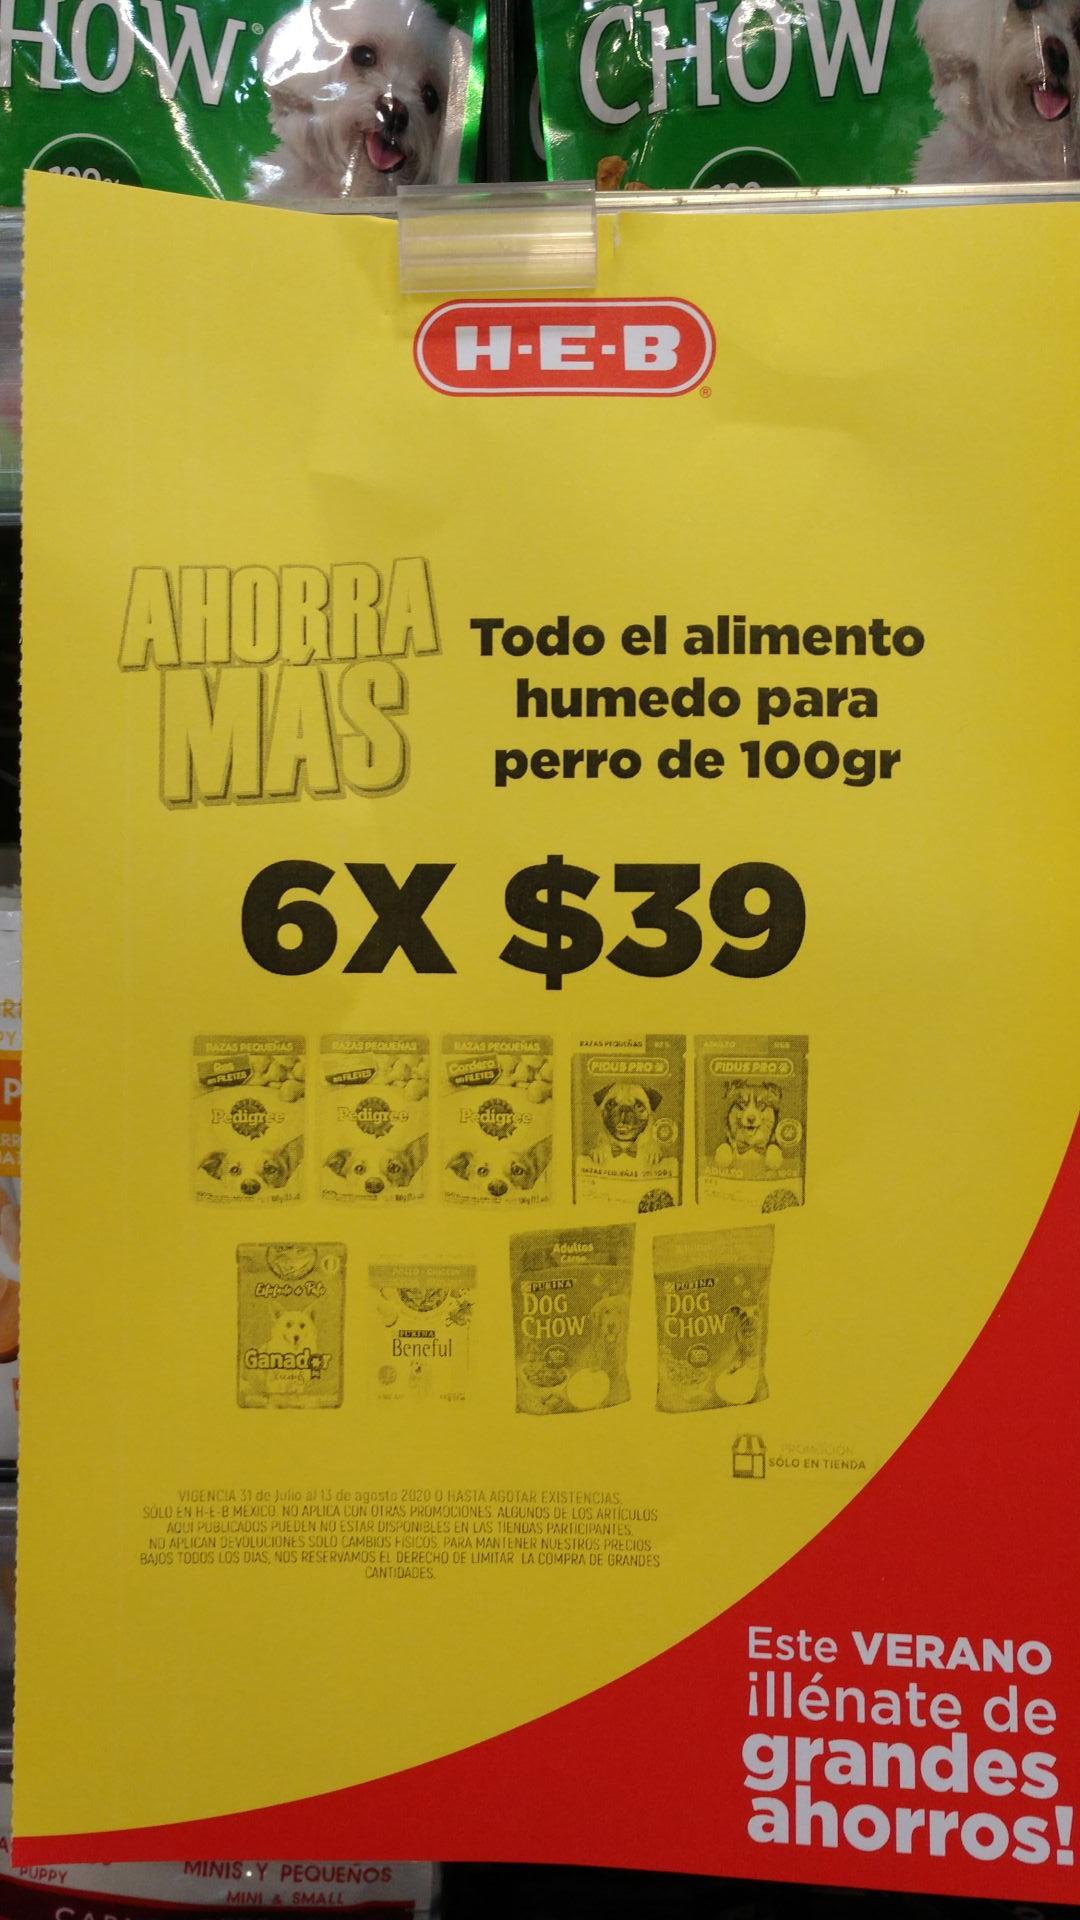 variadad de alimento pouch 6x39 en heb a nivel nacional